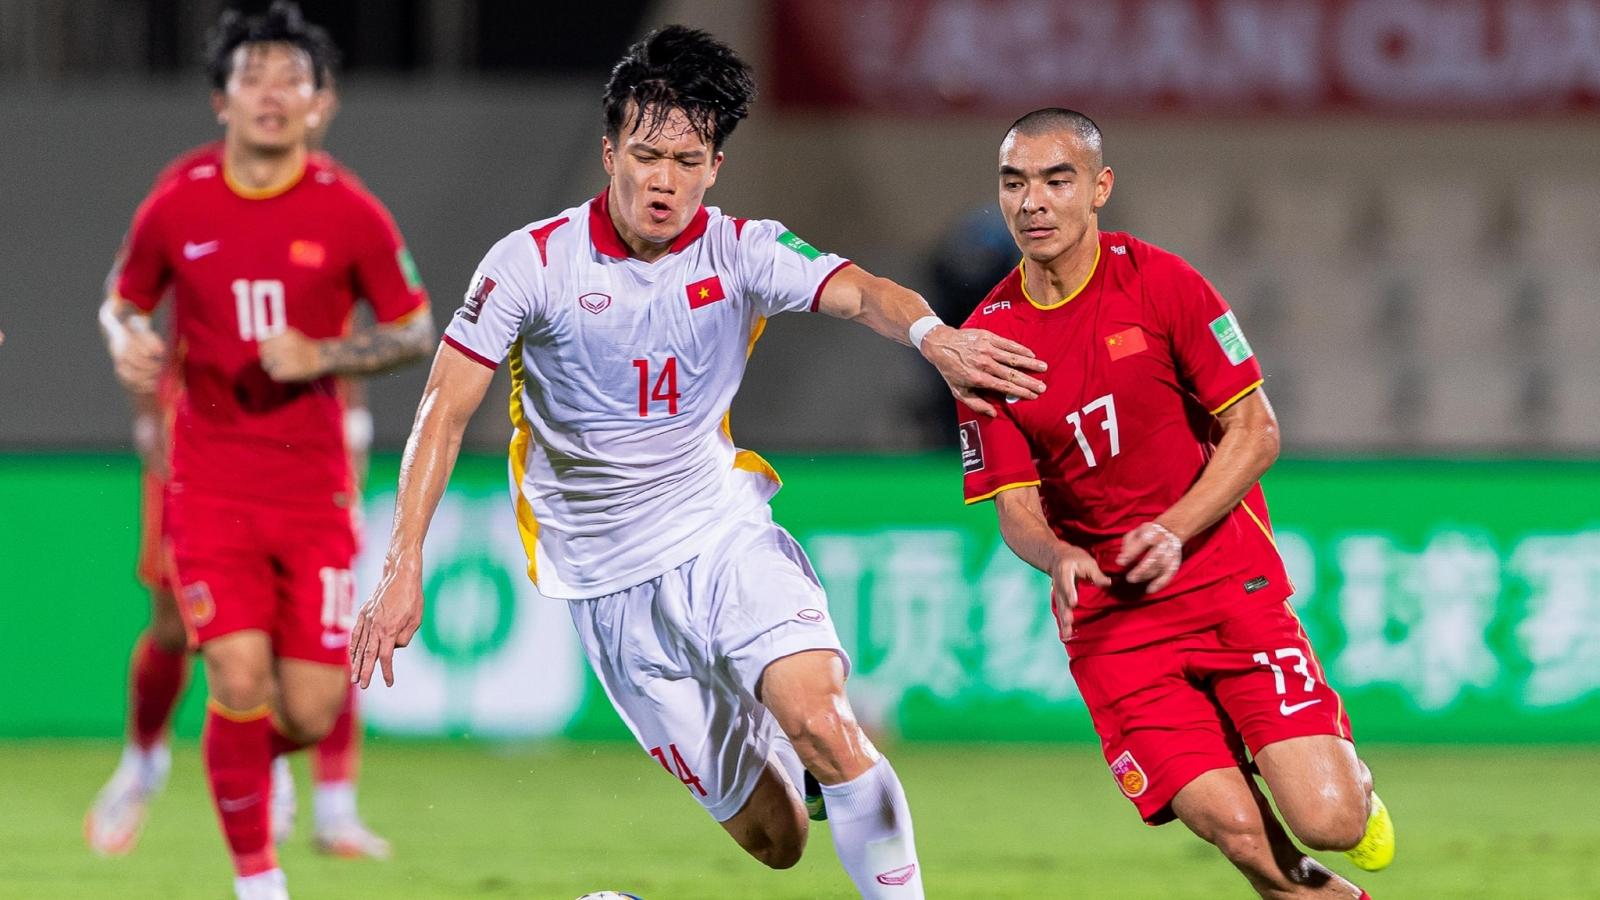 ĐT Việt Nam nhận lời động viên từ AFC trước trận gặp Oman